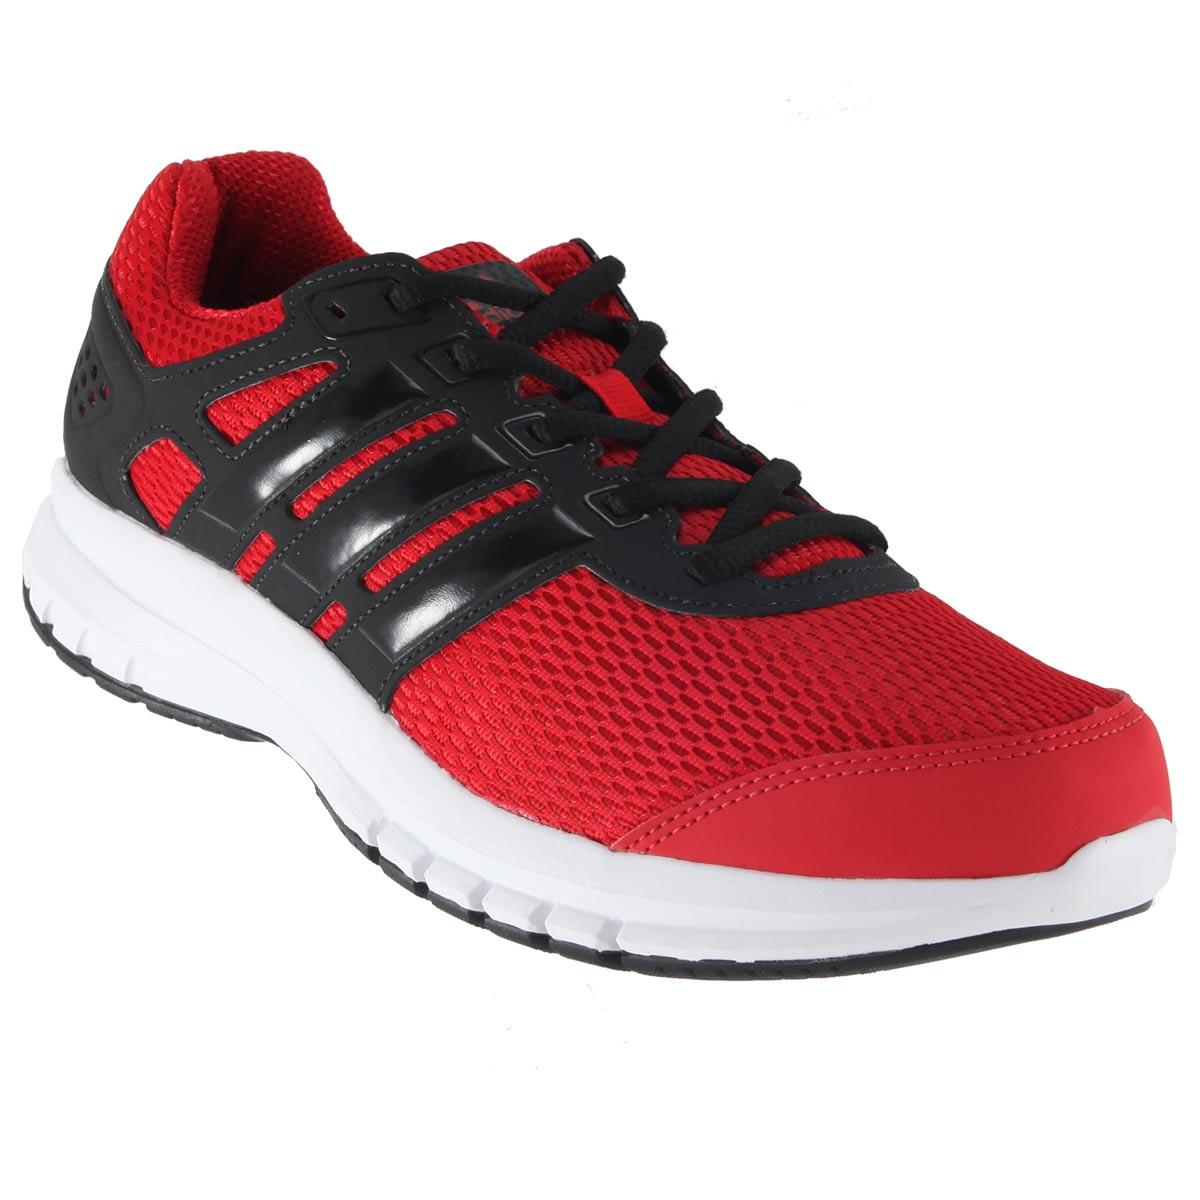 Tênis Adidas Duramo Lite Masculino Caminhada Corrida  - Ian Calçados